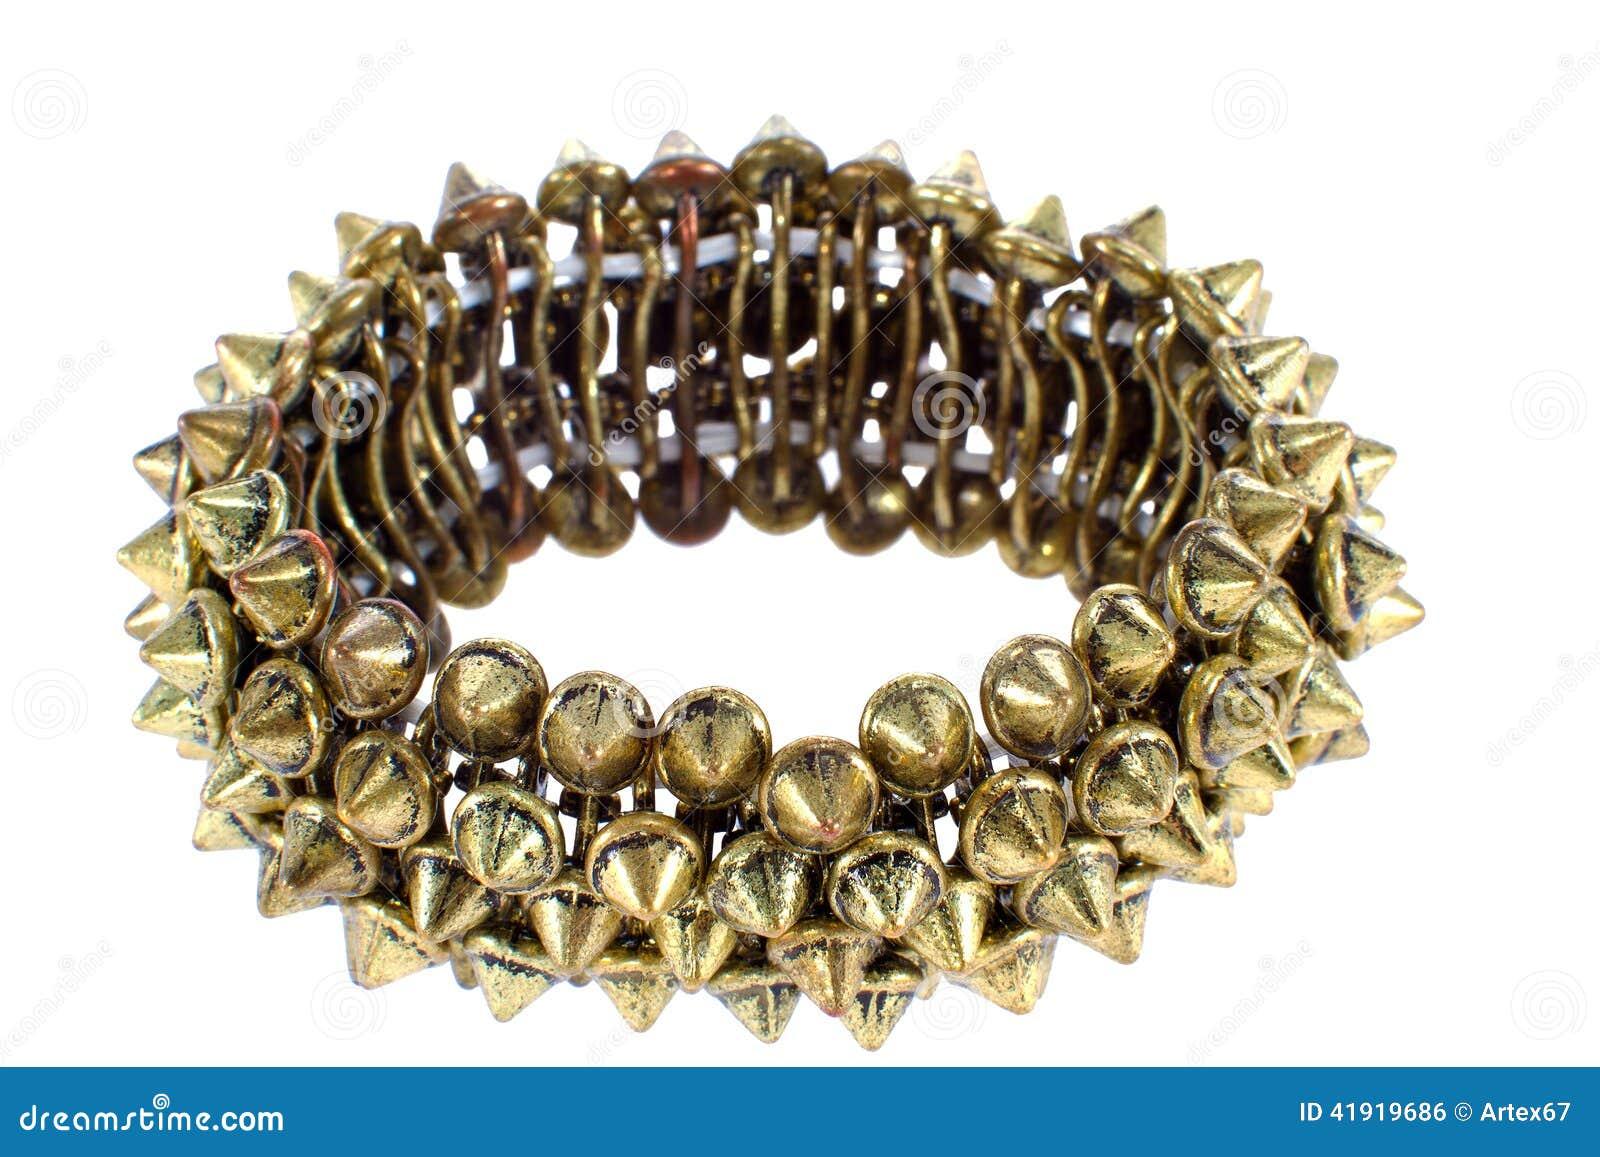 Imagen de la pulsera de cobre femenina hermosa con los pernos prisioneros